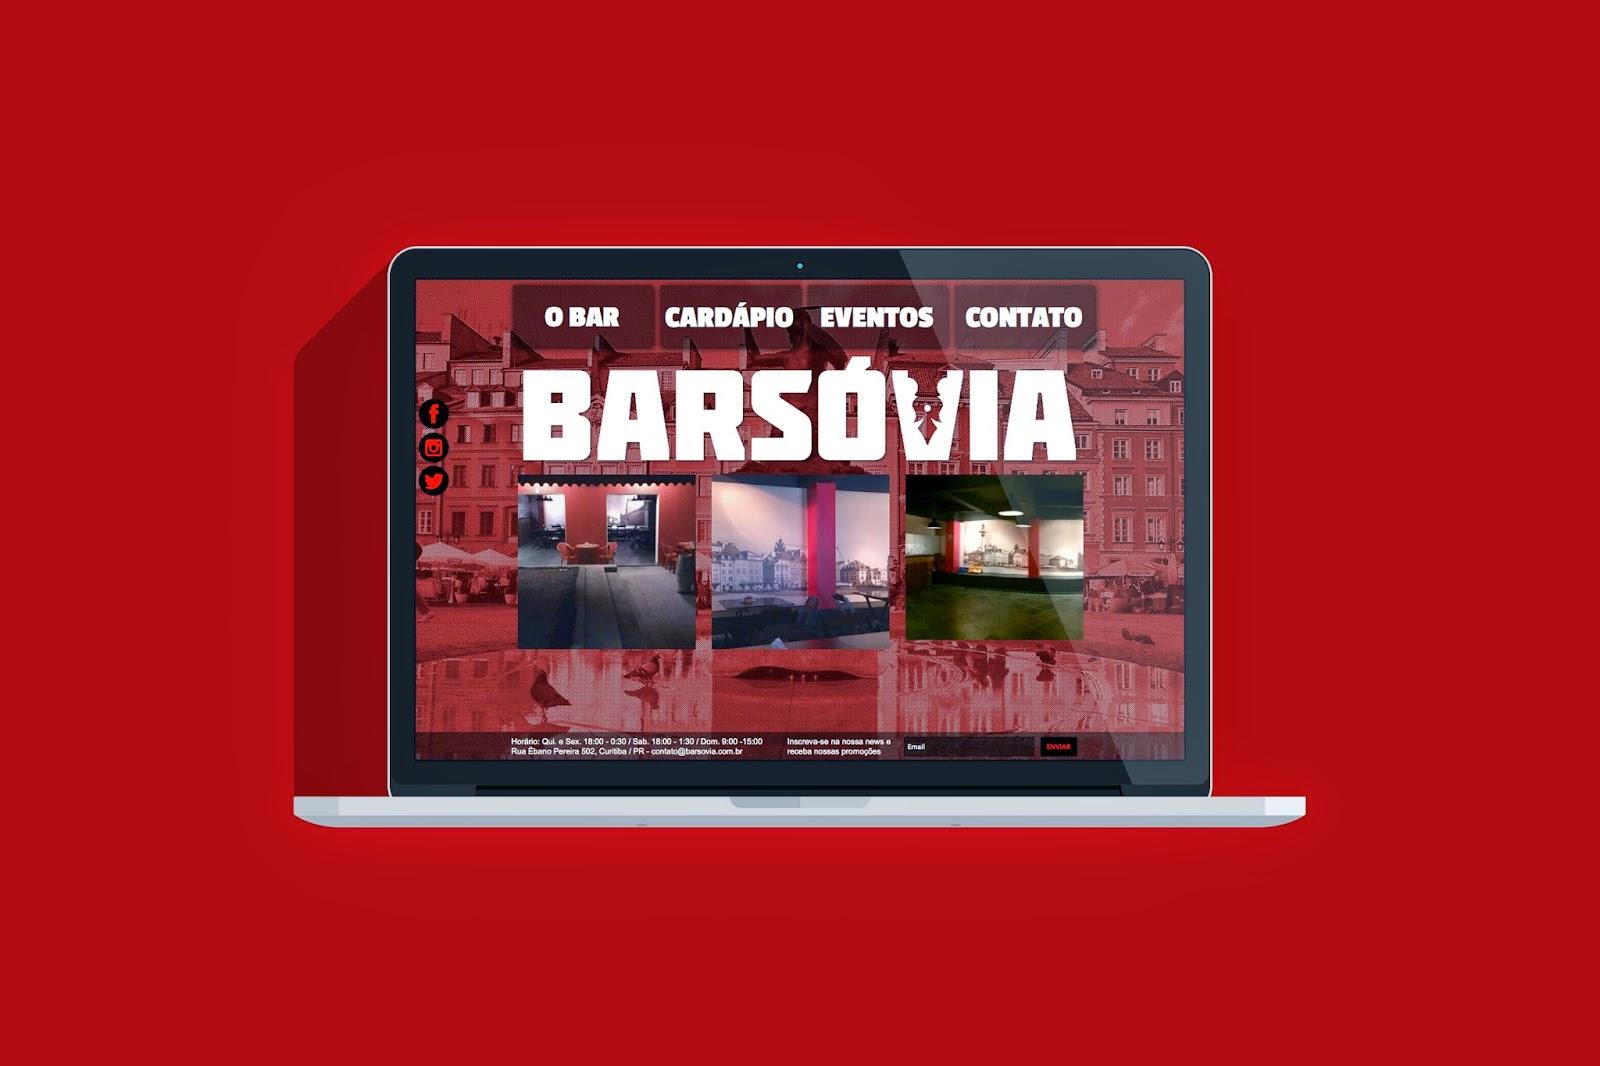 http://www.barsovia.com.br